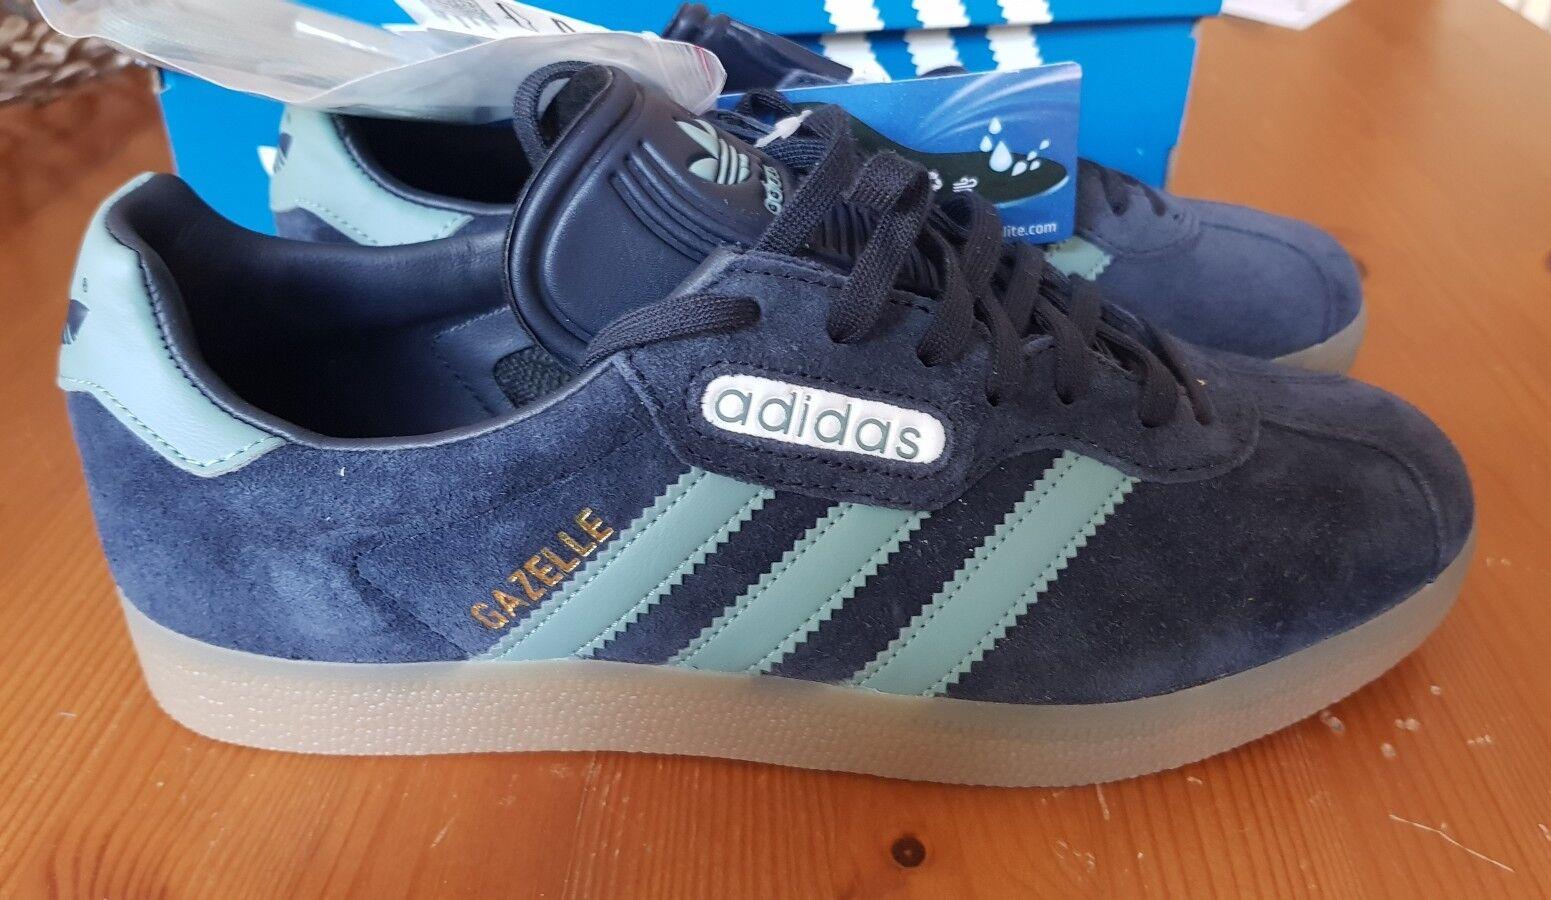 Adidas Originals Gacela Super Para hombres Talla 5 (EUR 38) BNWT Nuevo En Caja